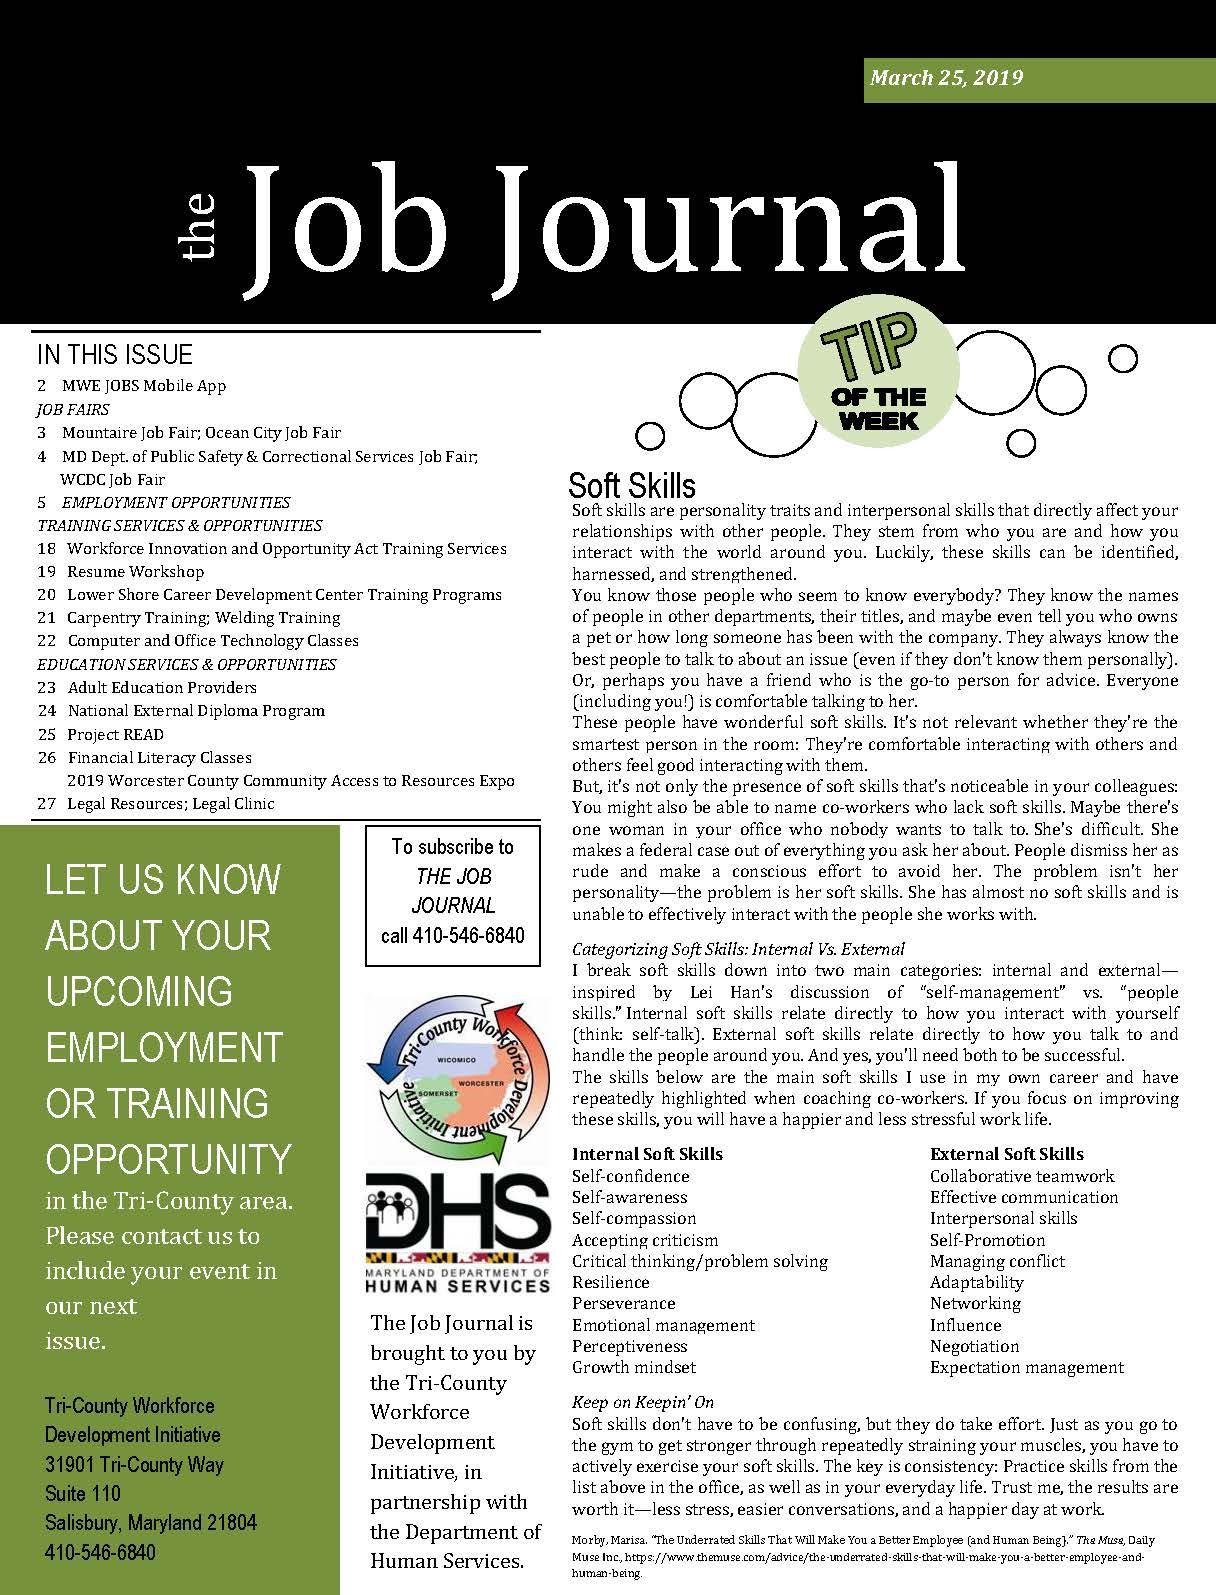 Job Journal 03.25.2019